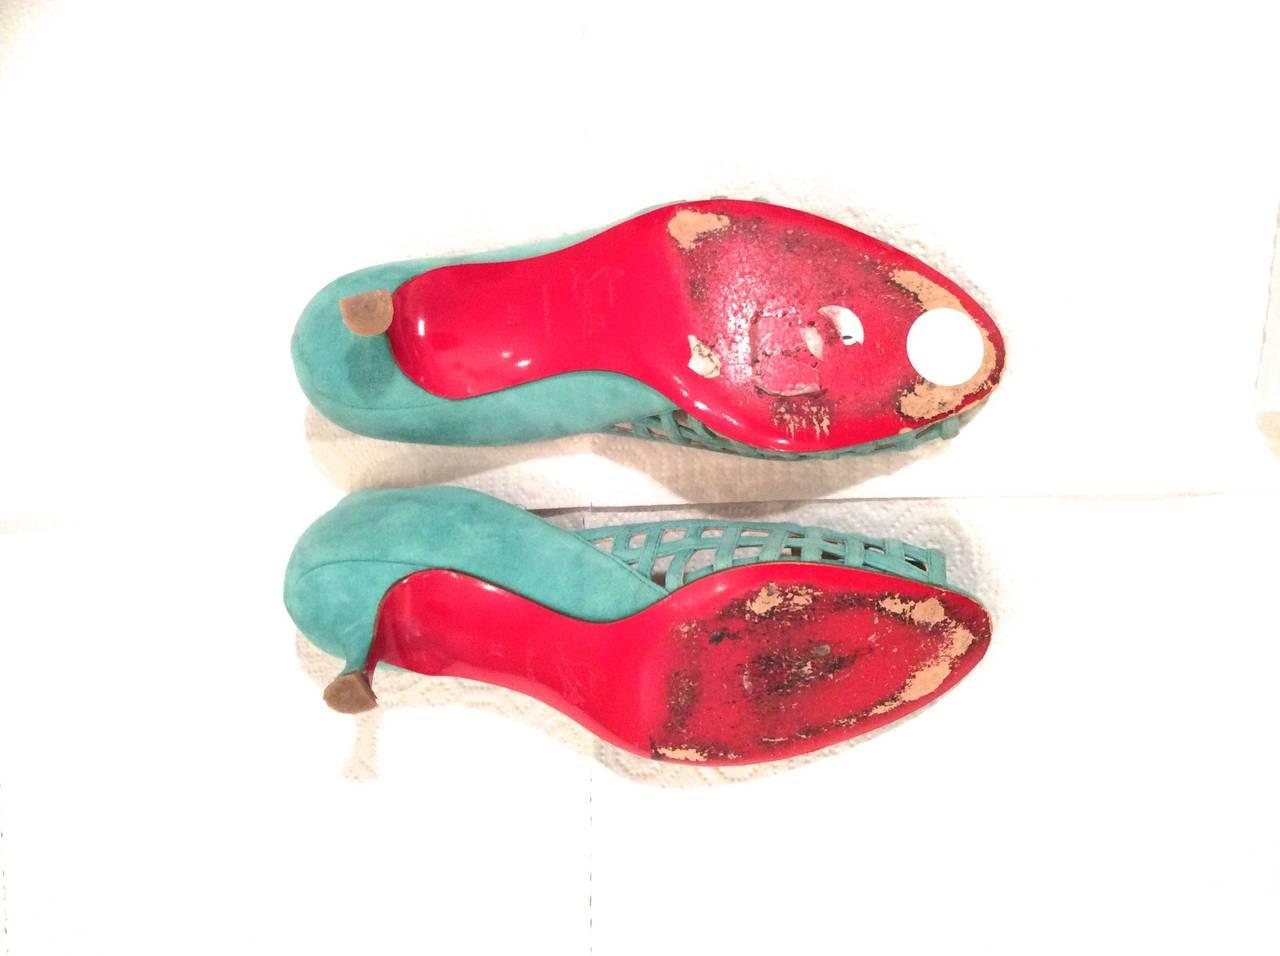 Christian Louboutin Shoes - Size 38 - Aqua Suede Open Toe Kitten Heel 4